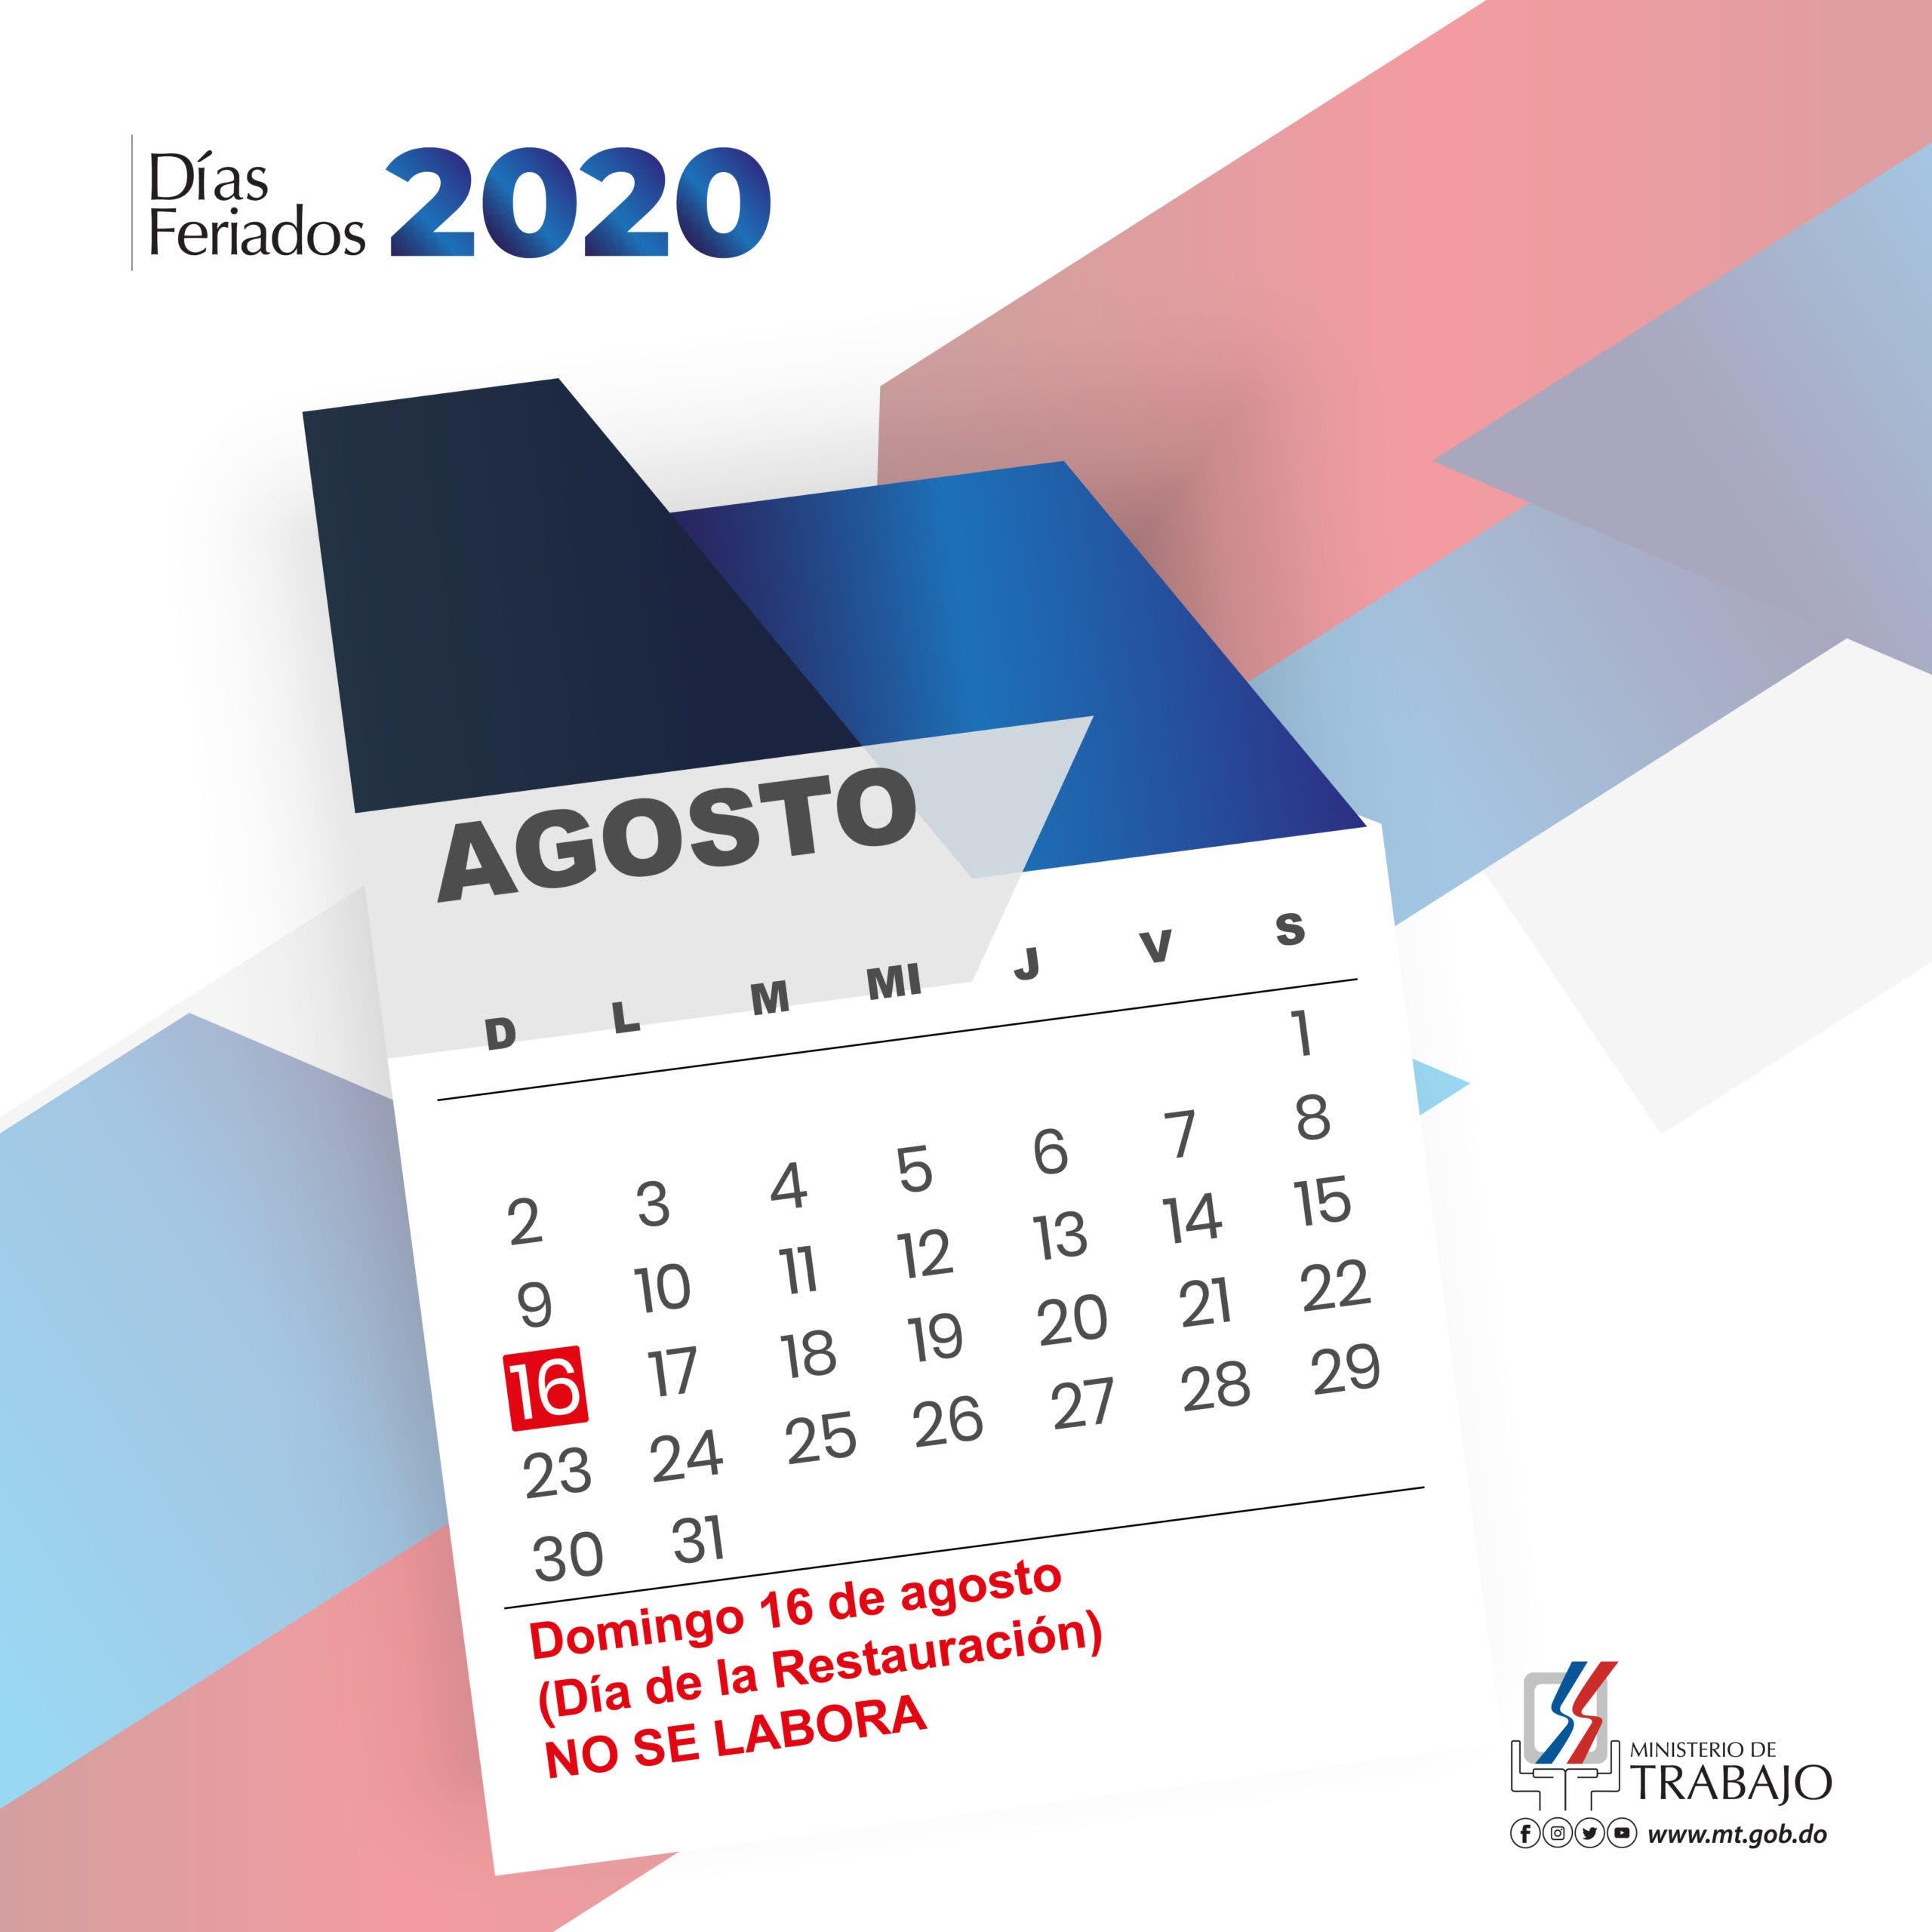 """Ministerio de Trabajo reitera 16 de agosto """"Día de la Restauración"""" no se trabaja"""